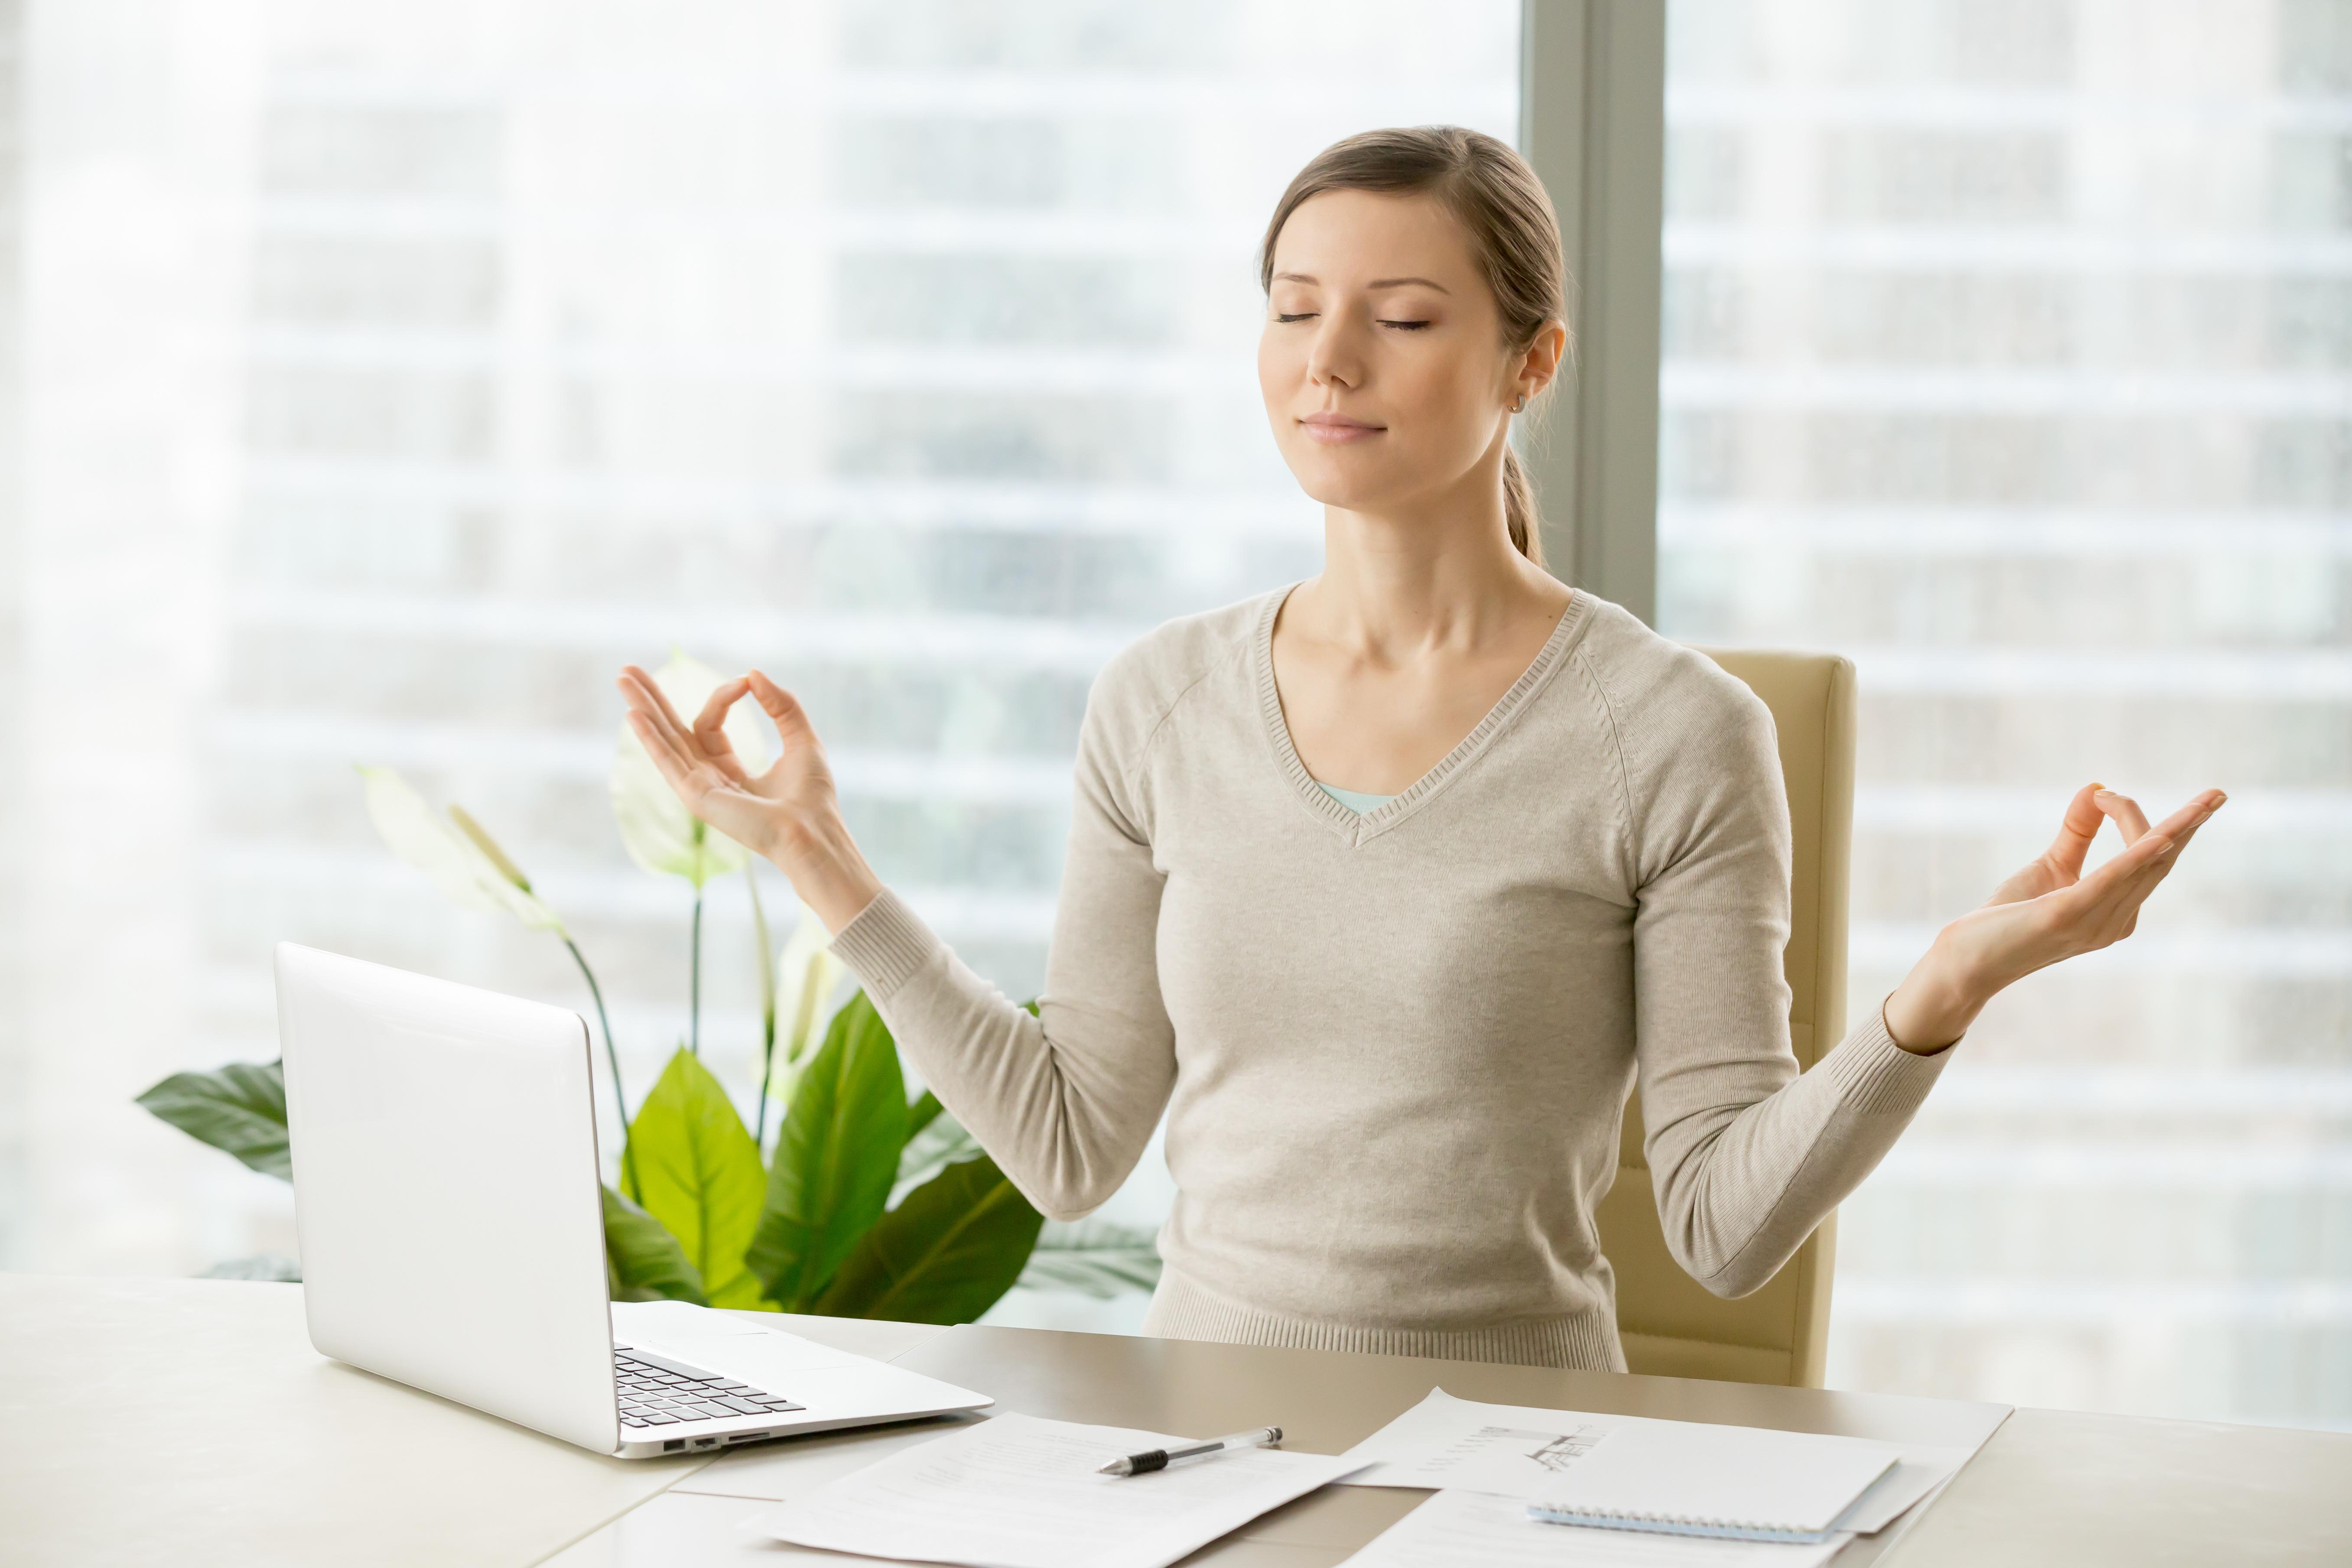 Как самостоятельно справиться со стрессом и негативными эмоциями